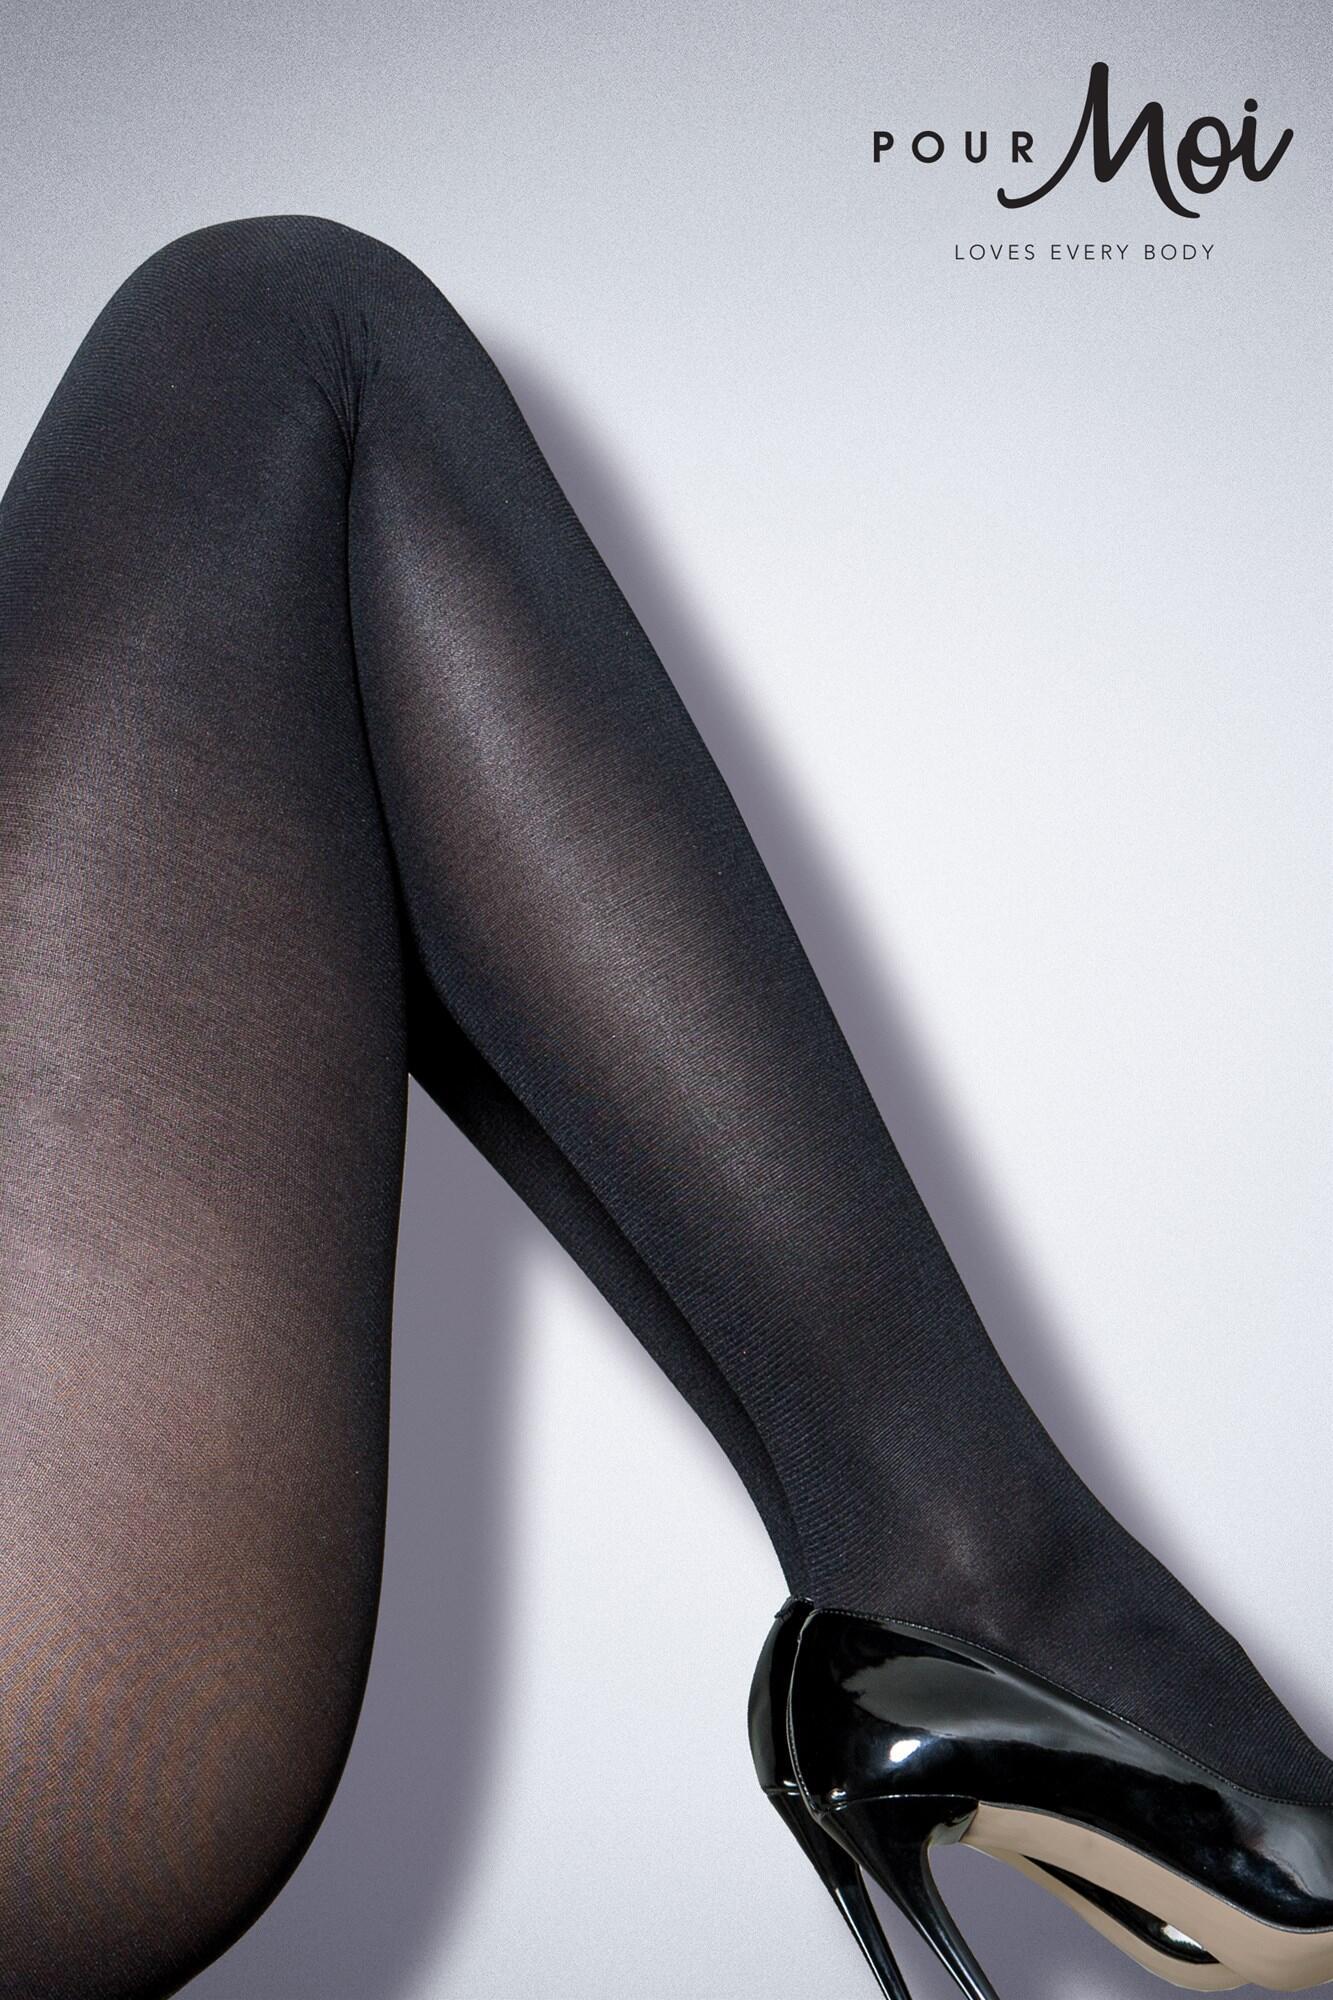 Refined Velvet Touch 40 Denier Tights - Black